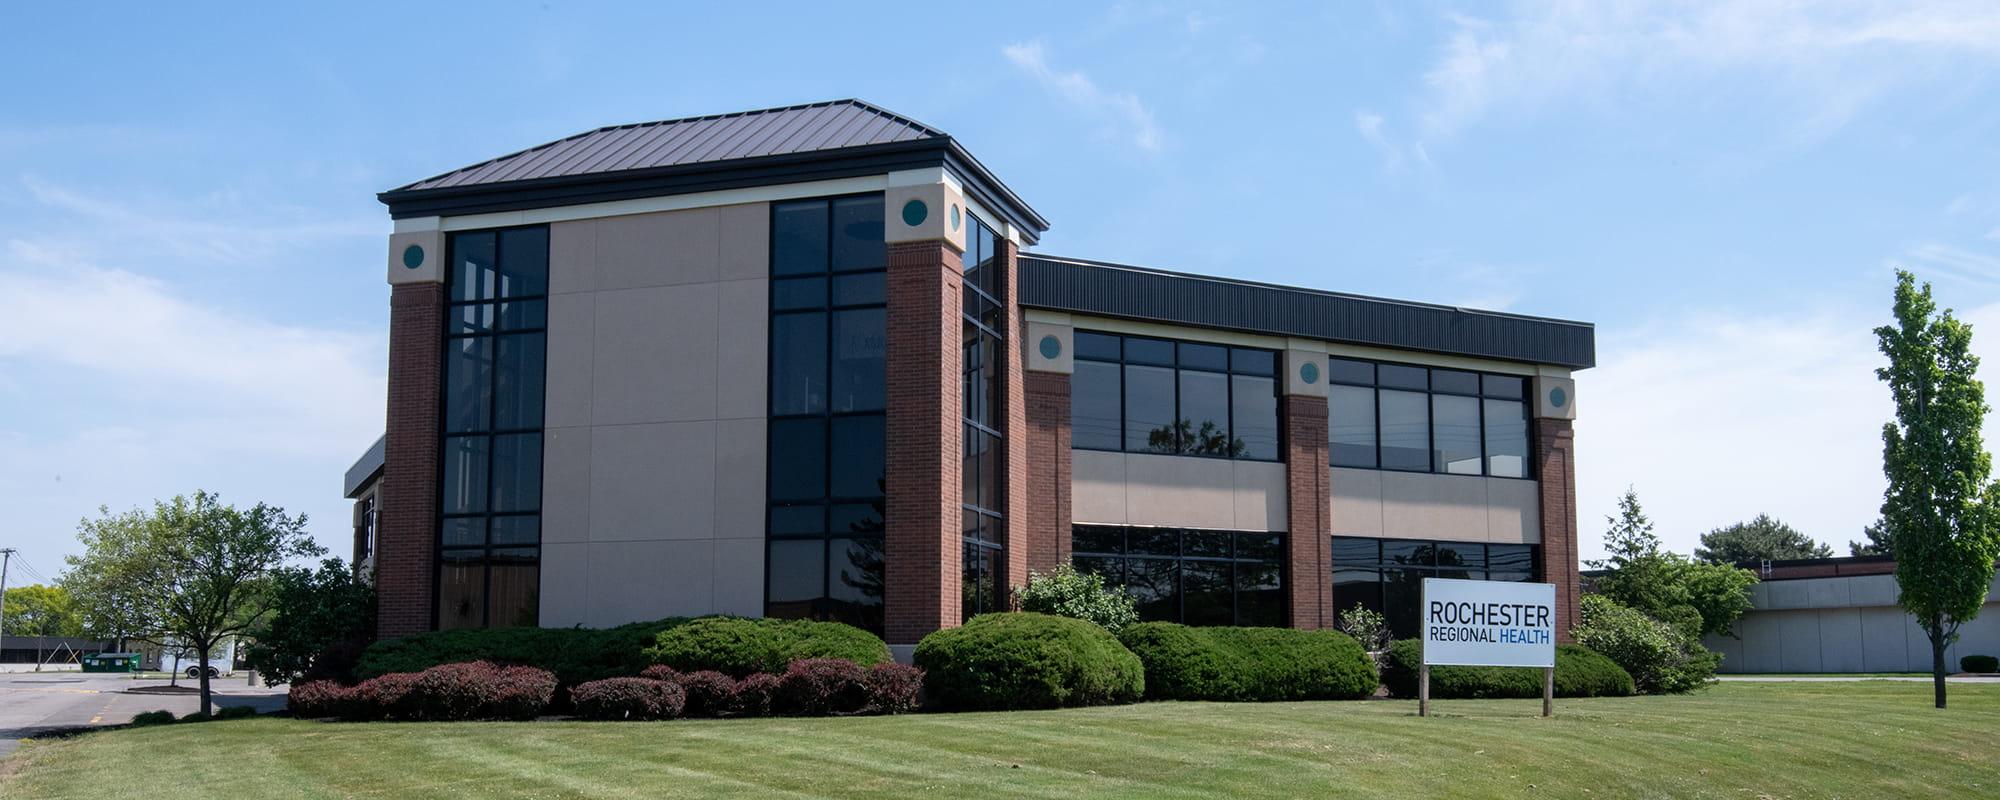 Genesee Valley Dermatology & Laser Centre